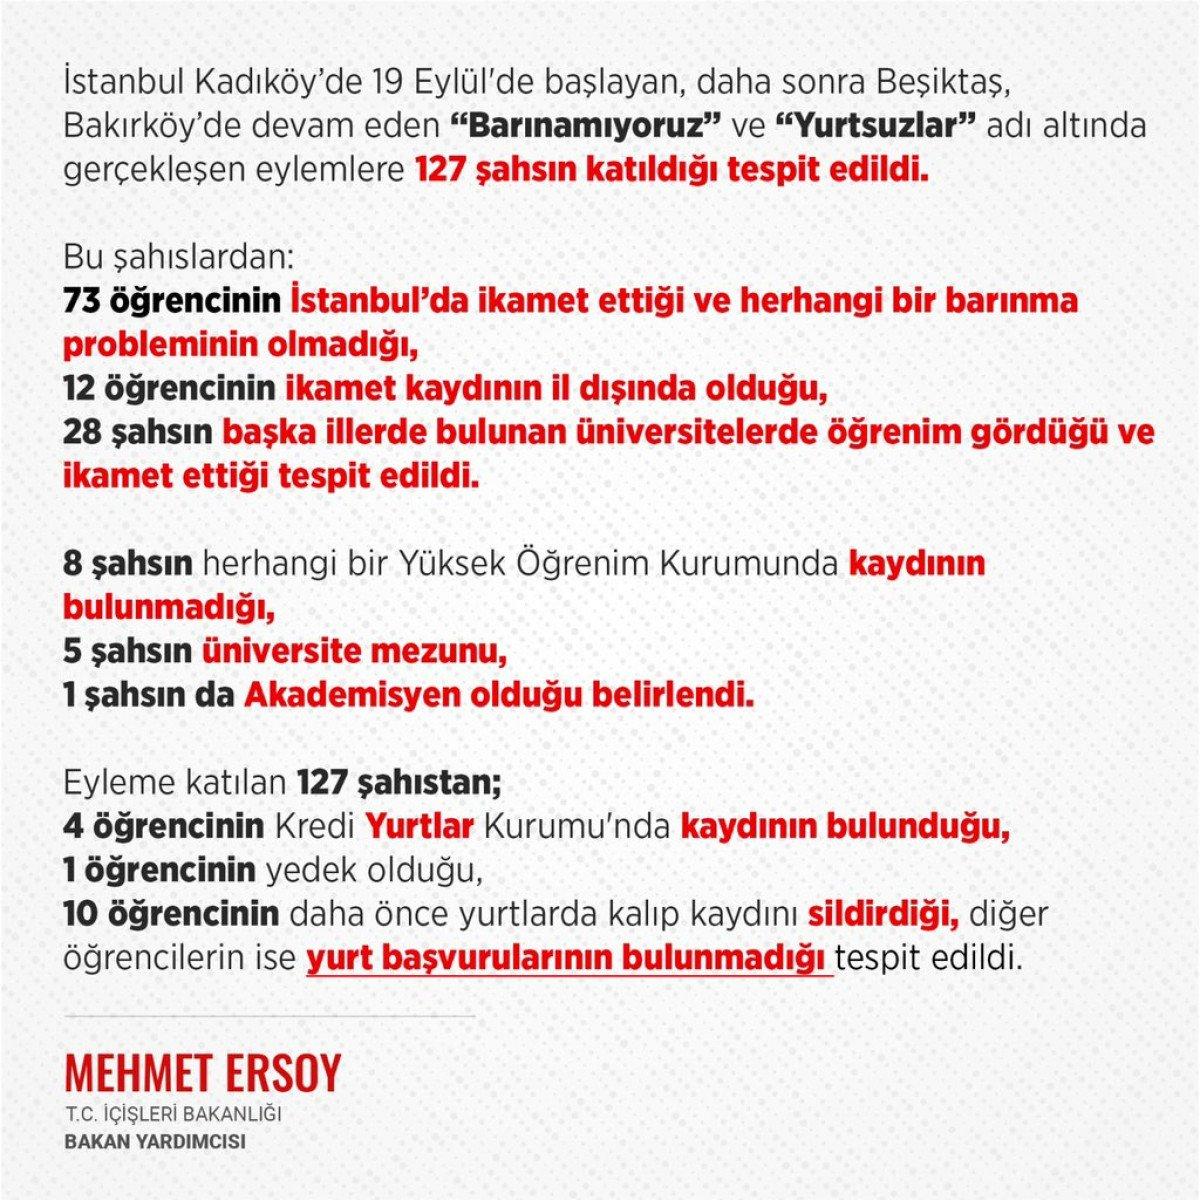 İstanbul da barınamıyoruz eylemcileri hakkındaki gerçekler #3